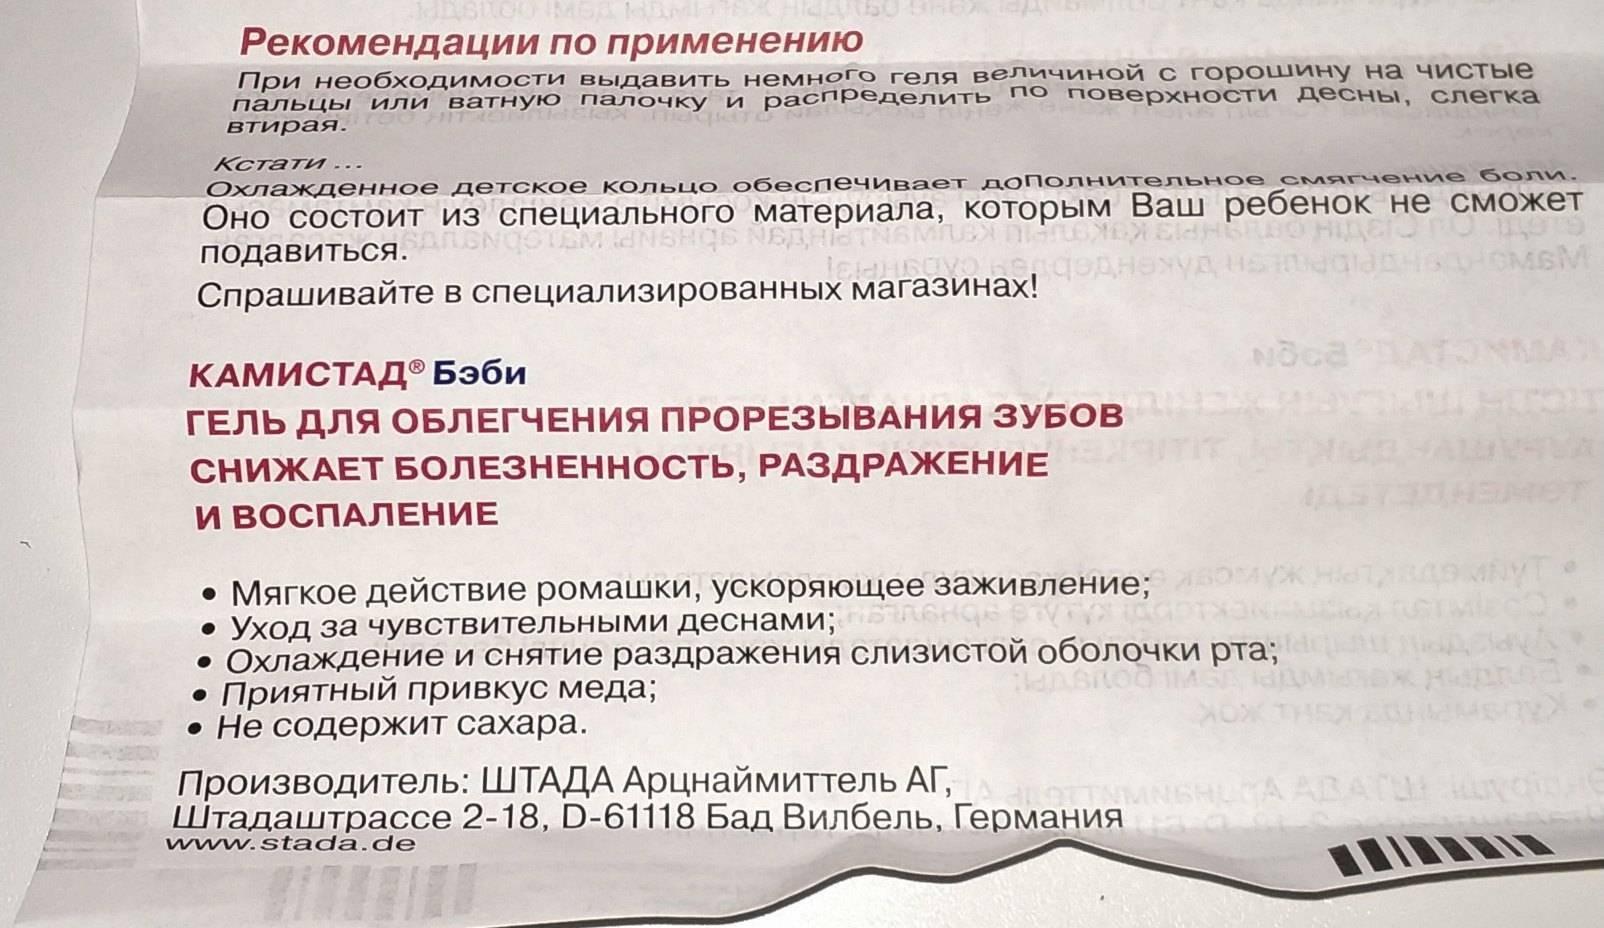 Камистад бэби состав - дневник дантиста